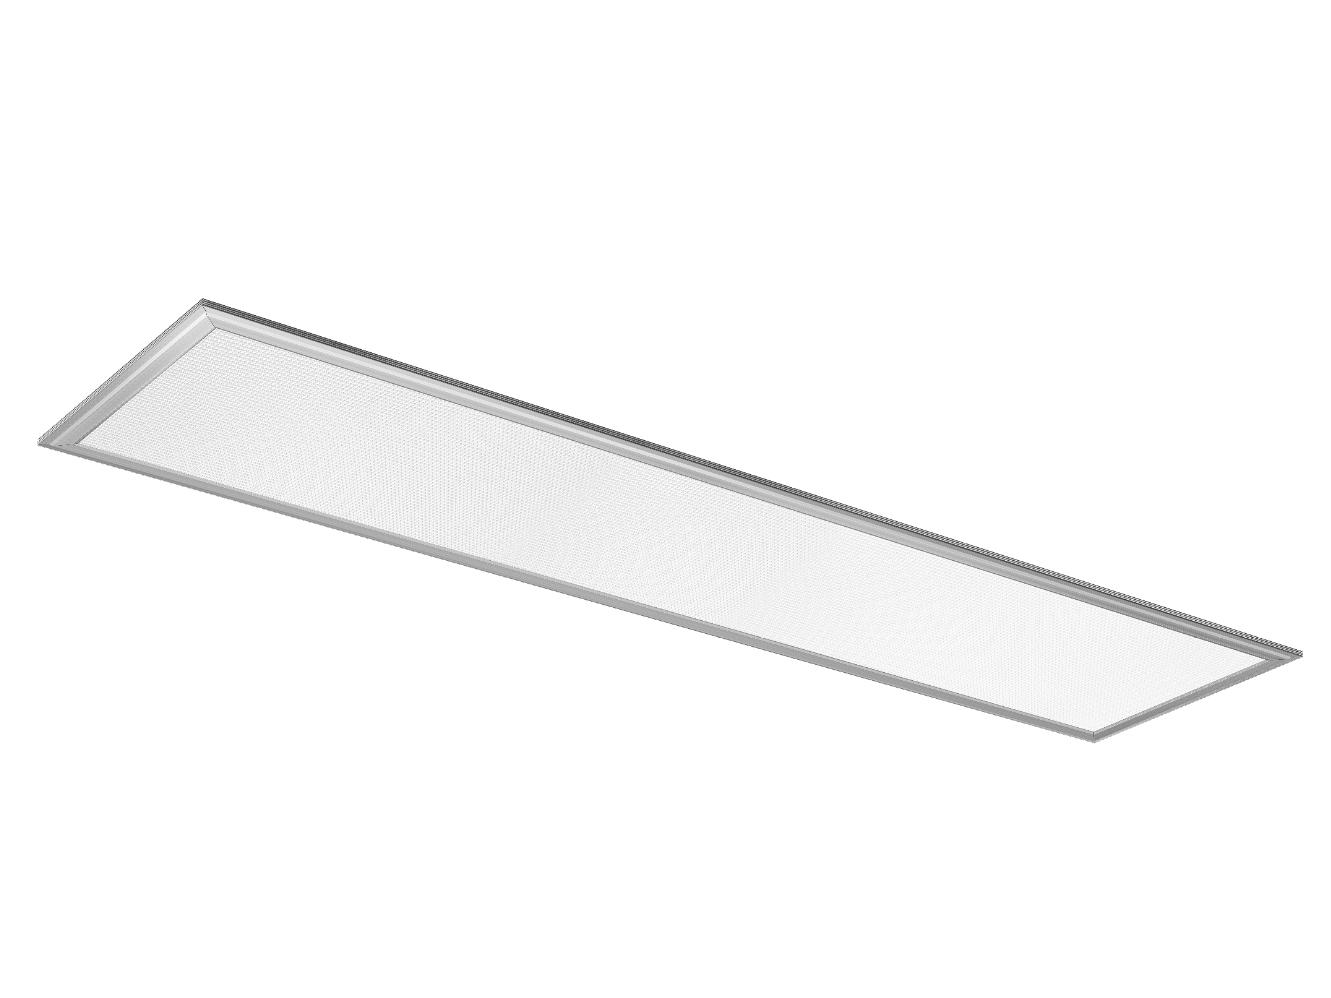 創維 護眼燈 微晶超薄(珠光銀)